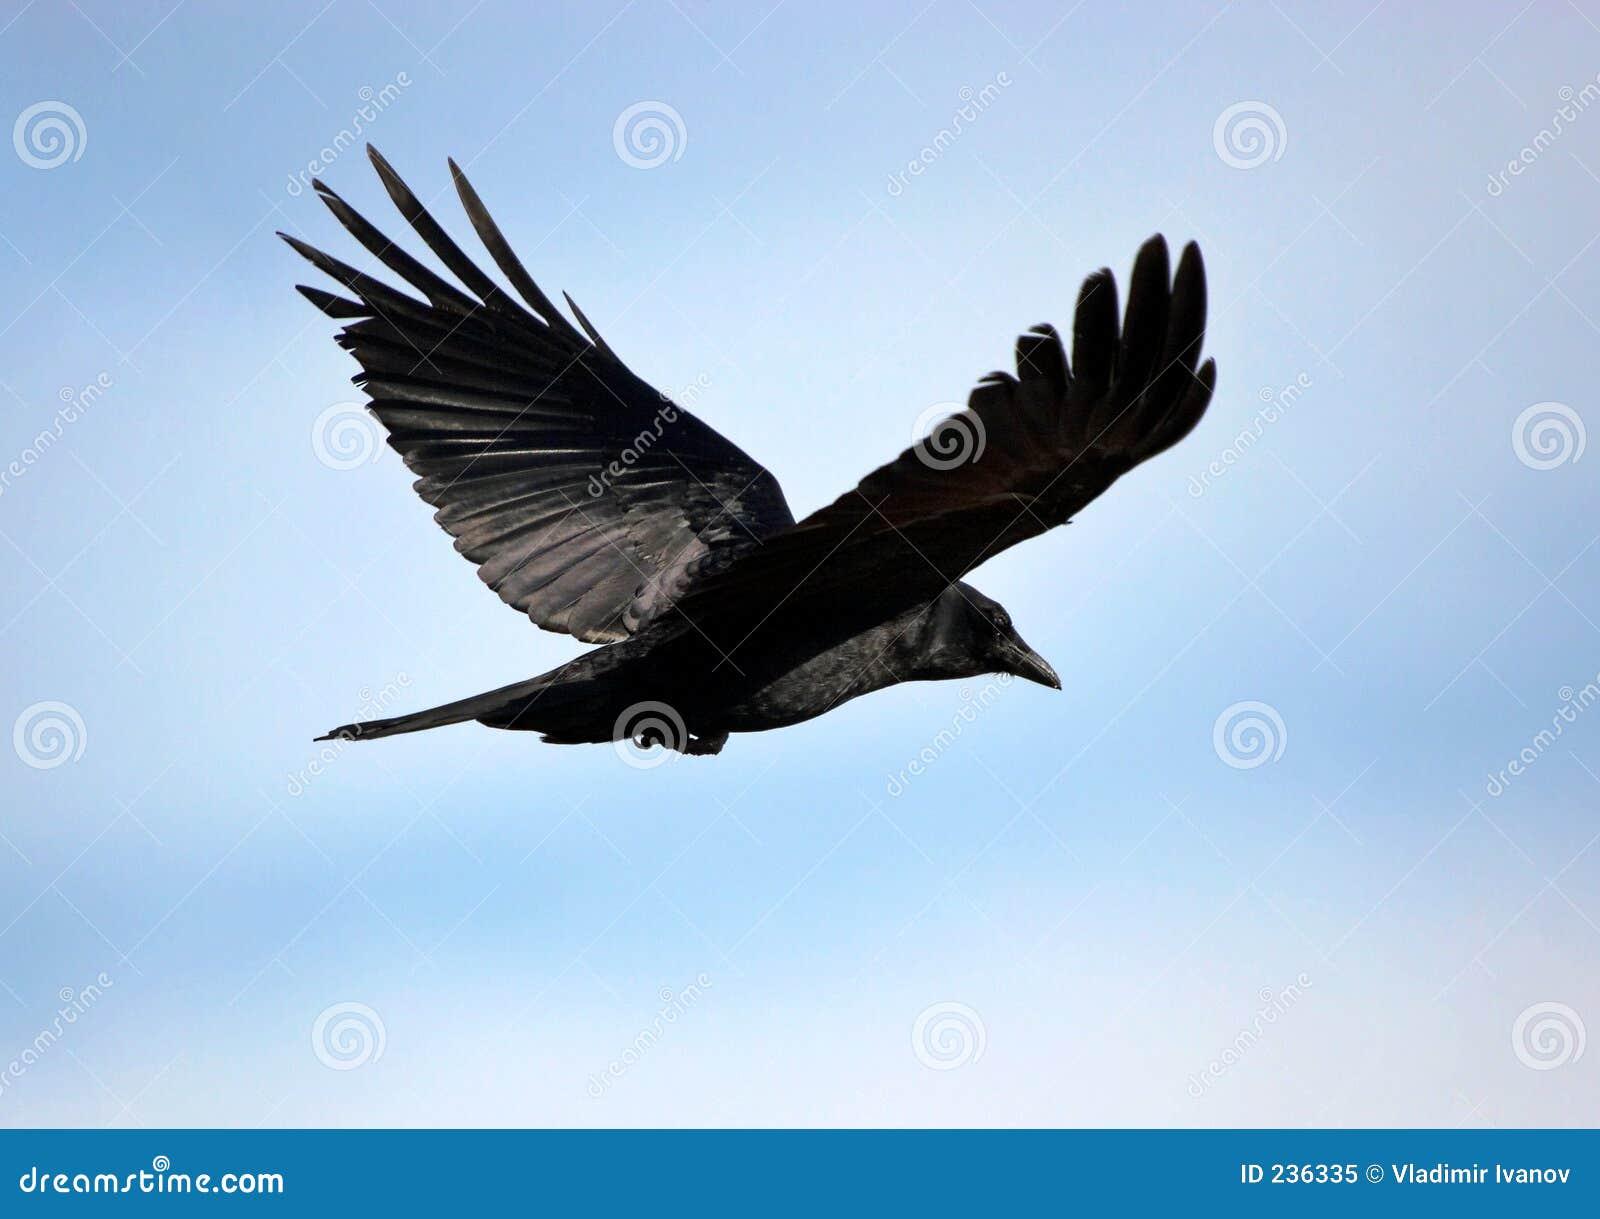 schwarzer vogel stockbild bild von leistung sch n w rdevoll 236335. Black Bedroom Furniture Sets. Home Design Ideas